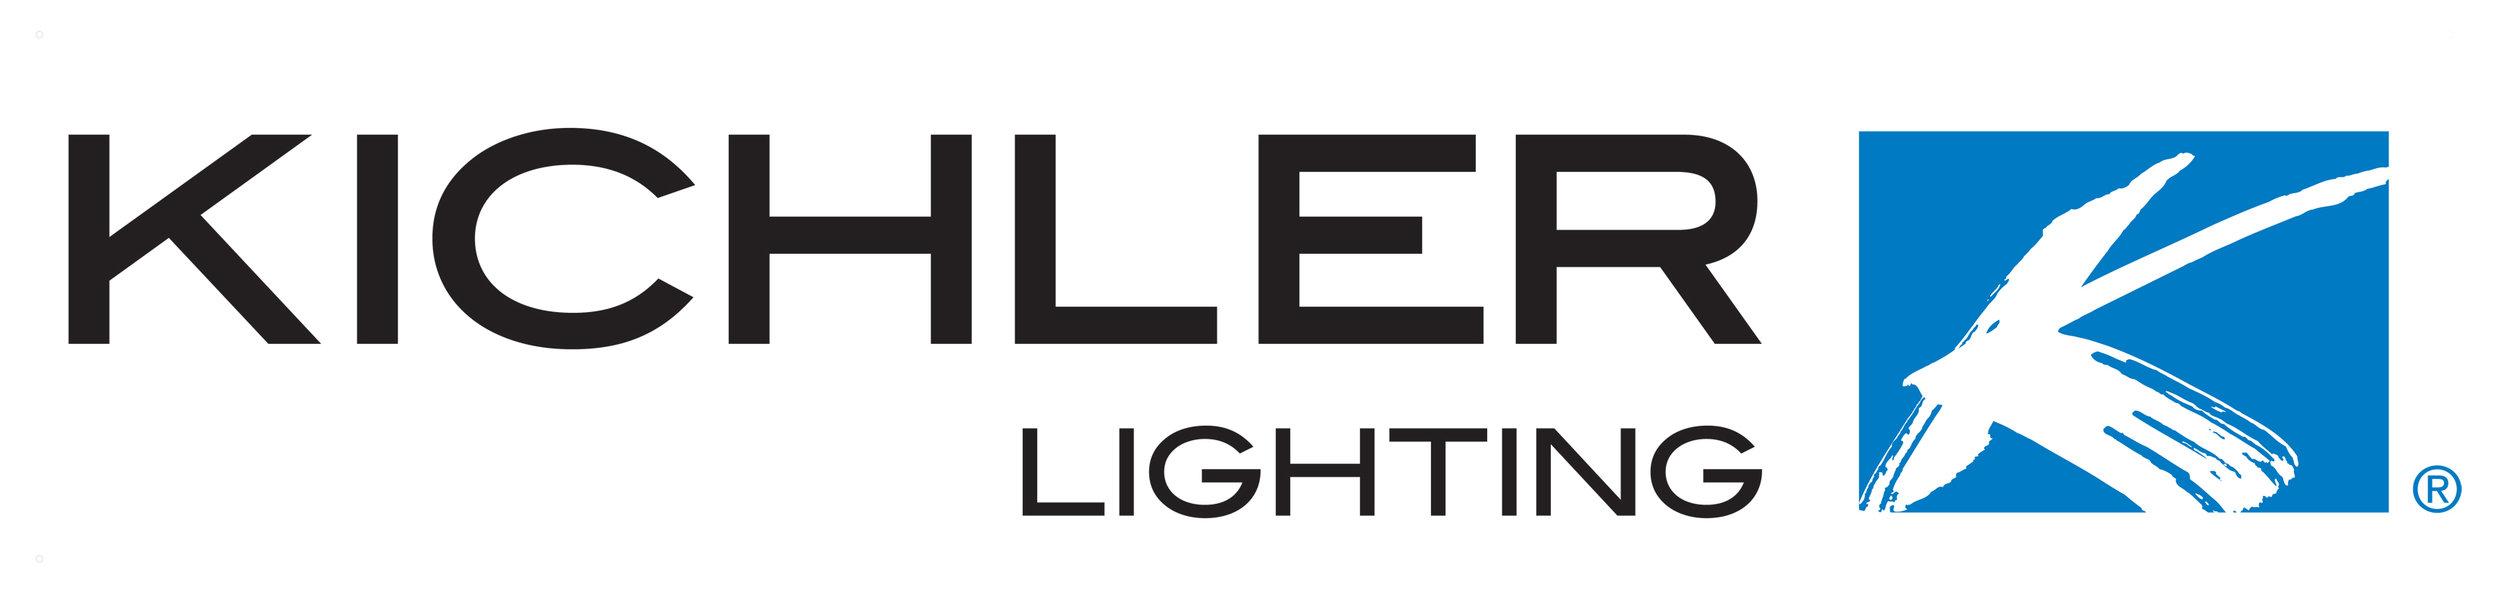 Kichler-Lighting-Logo.jpg